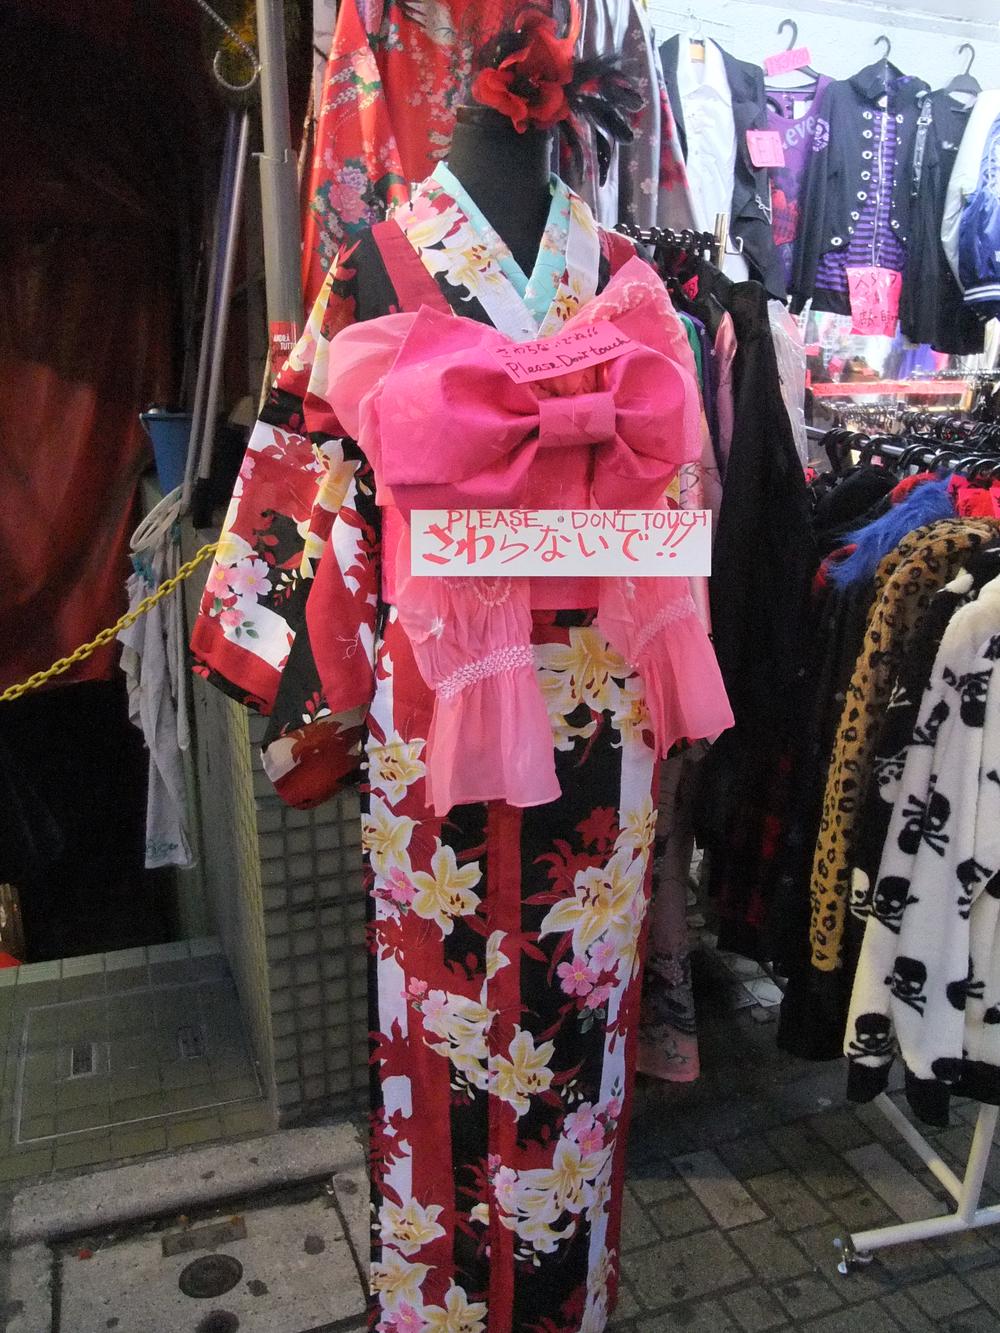 A kimono for sale on Takeshita Street